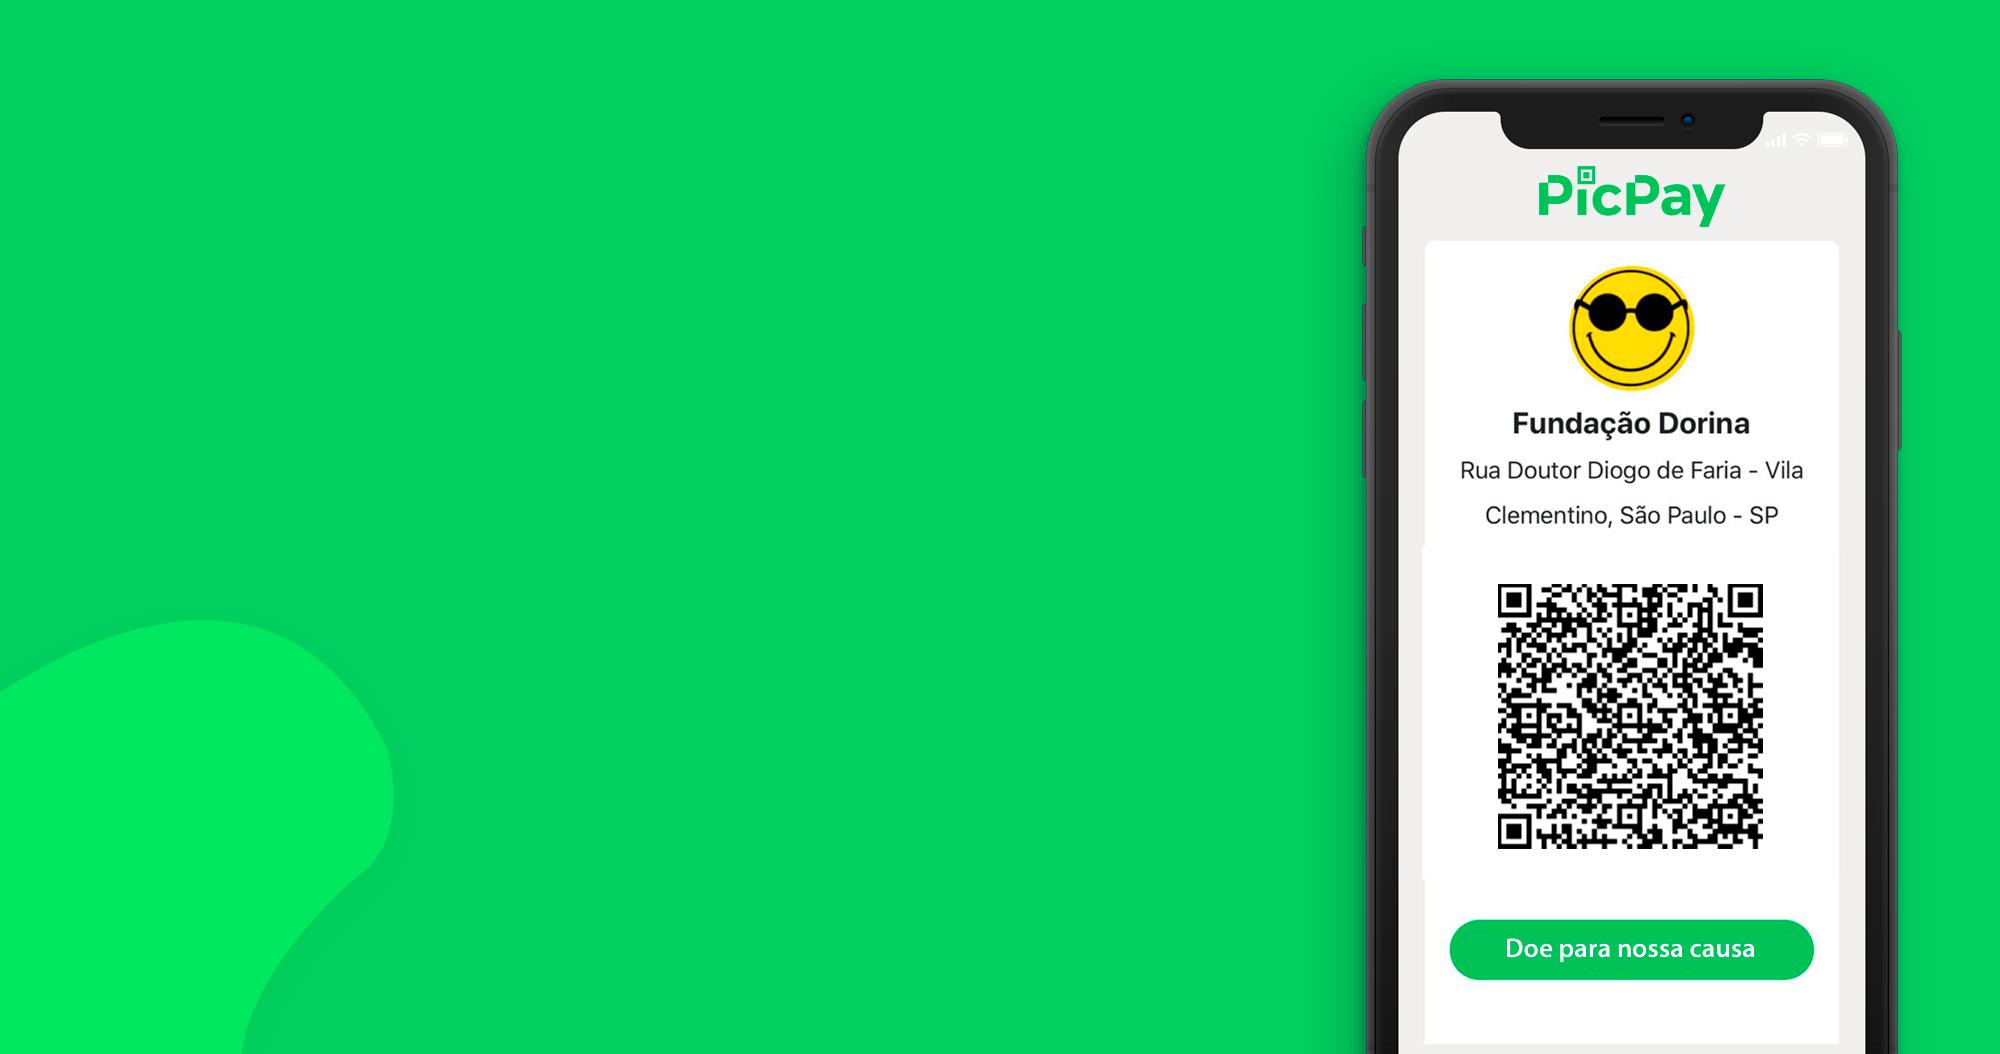 Descrição da imagem: Banner virtual de fundo verde. No canto direito do banner um celular com um aplicativo do PicPay aberto. No centro da imagem ha um QR code e abaixo um botao verde com o texto: Doe para nossa causa.